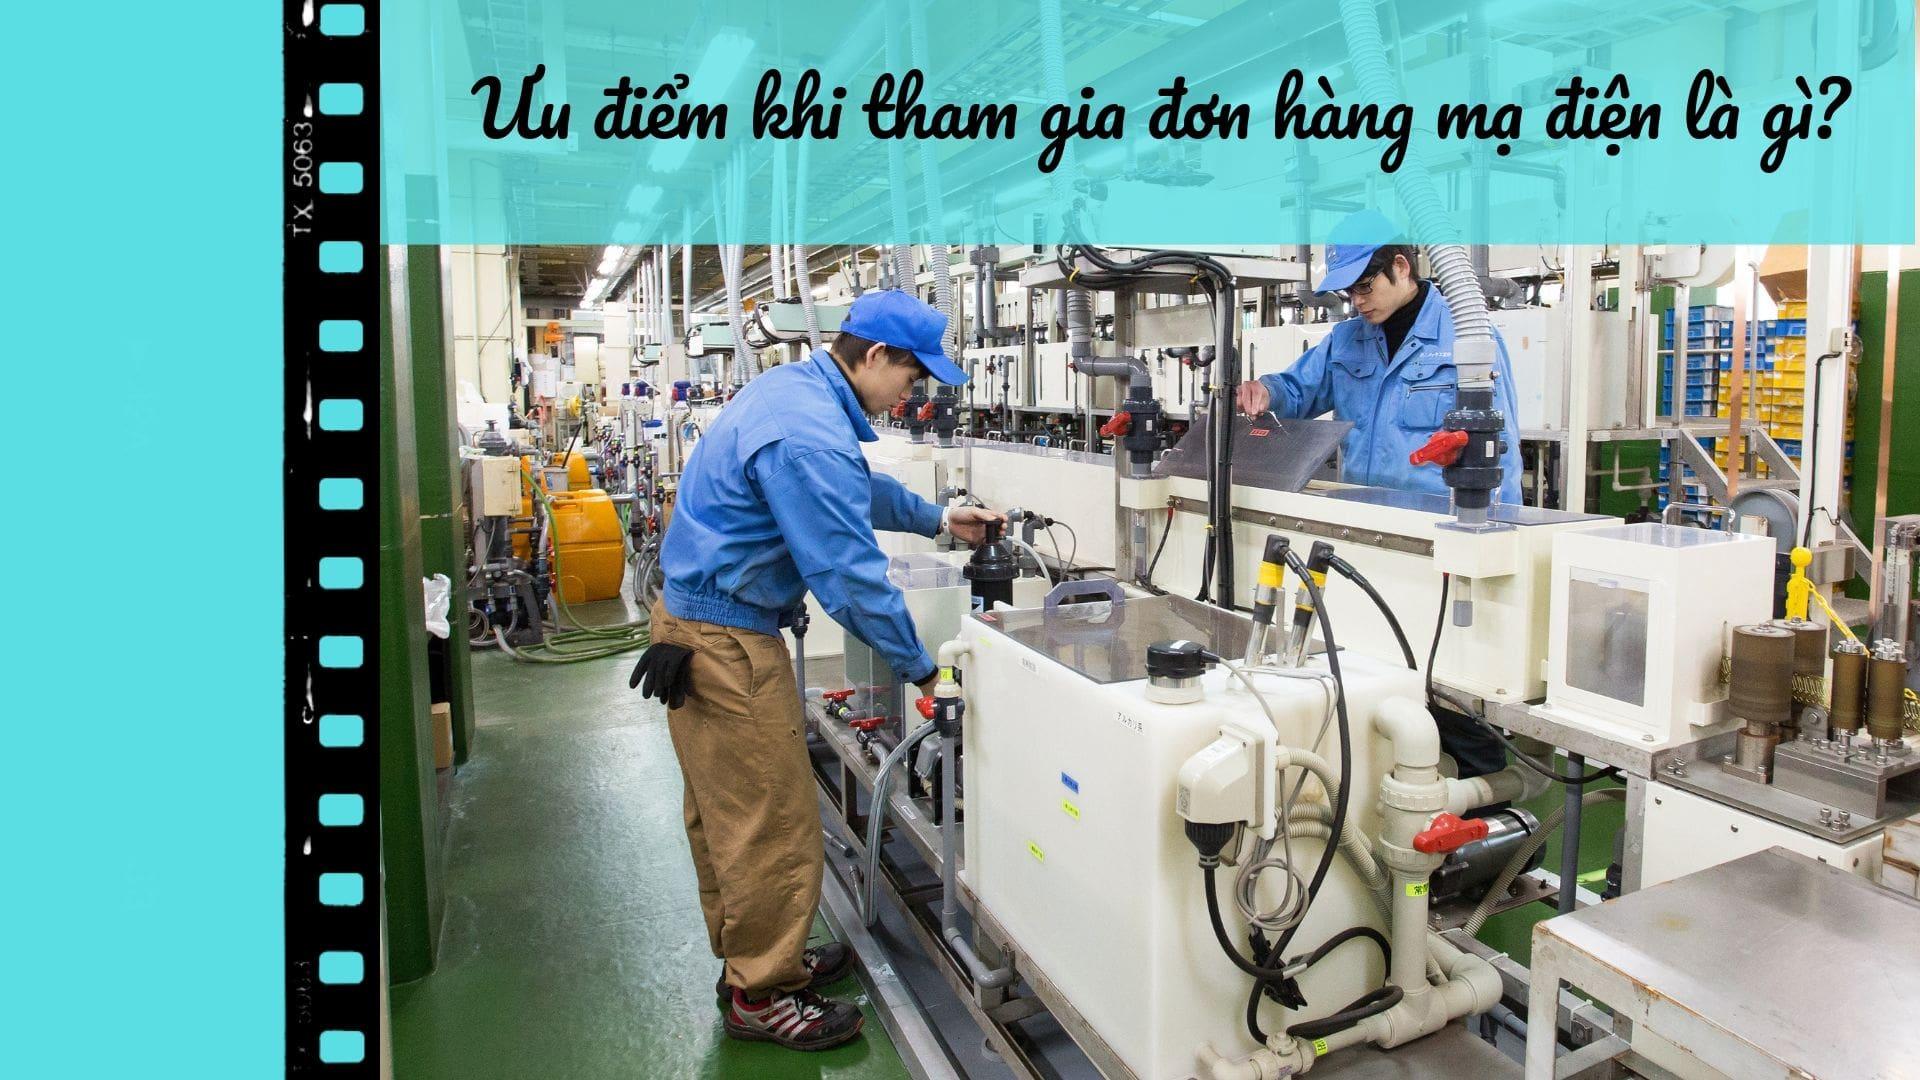 Đơn hàng mạ điện là làm gì? Có NGUY HIỂM cho lao động không?